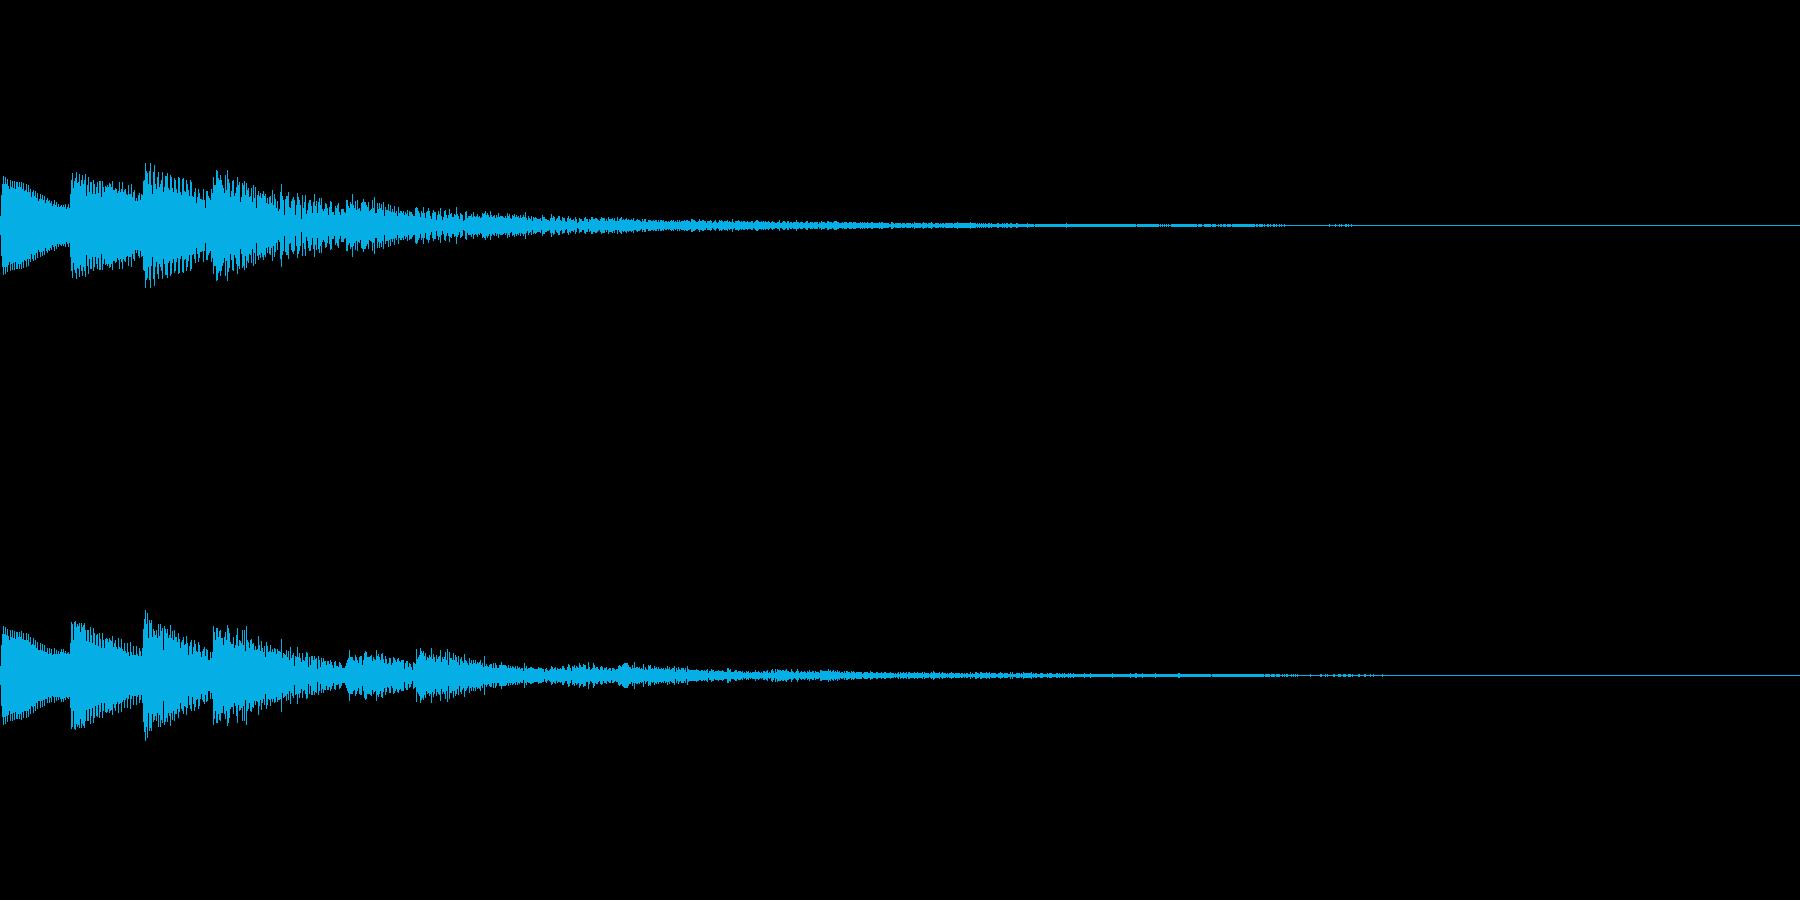 【SE 効果音】ポッポッポッの再生済みの波形